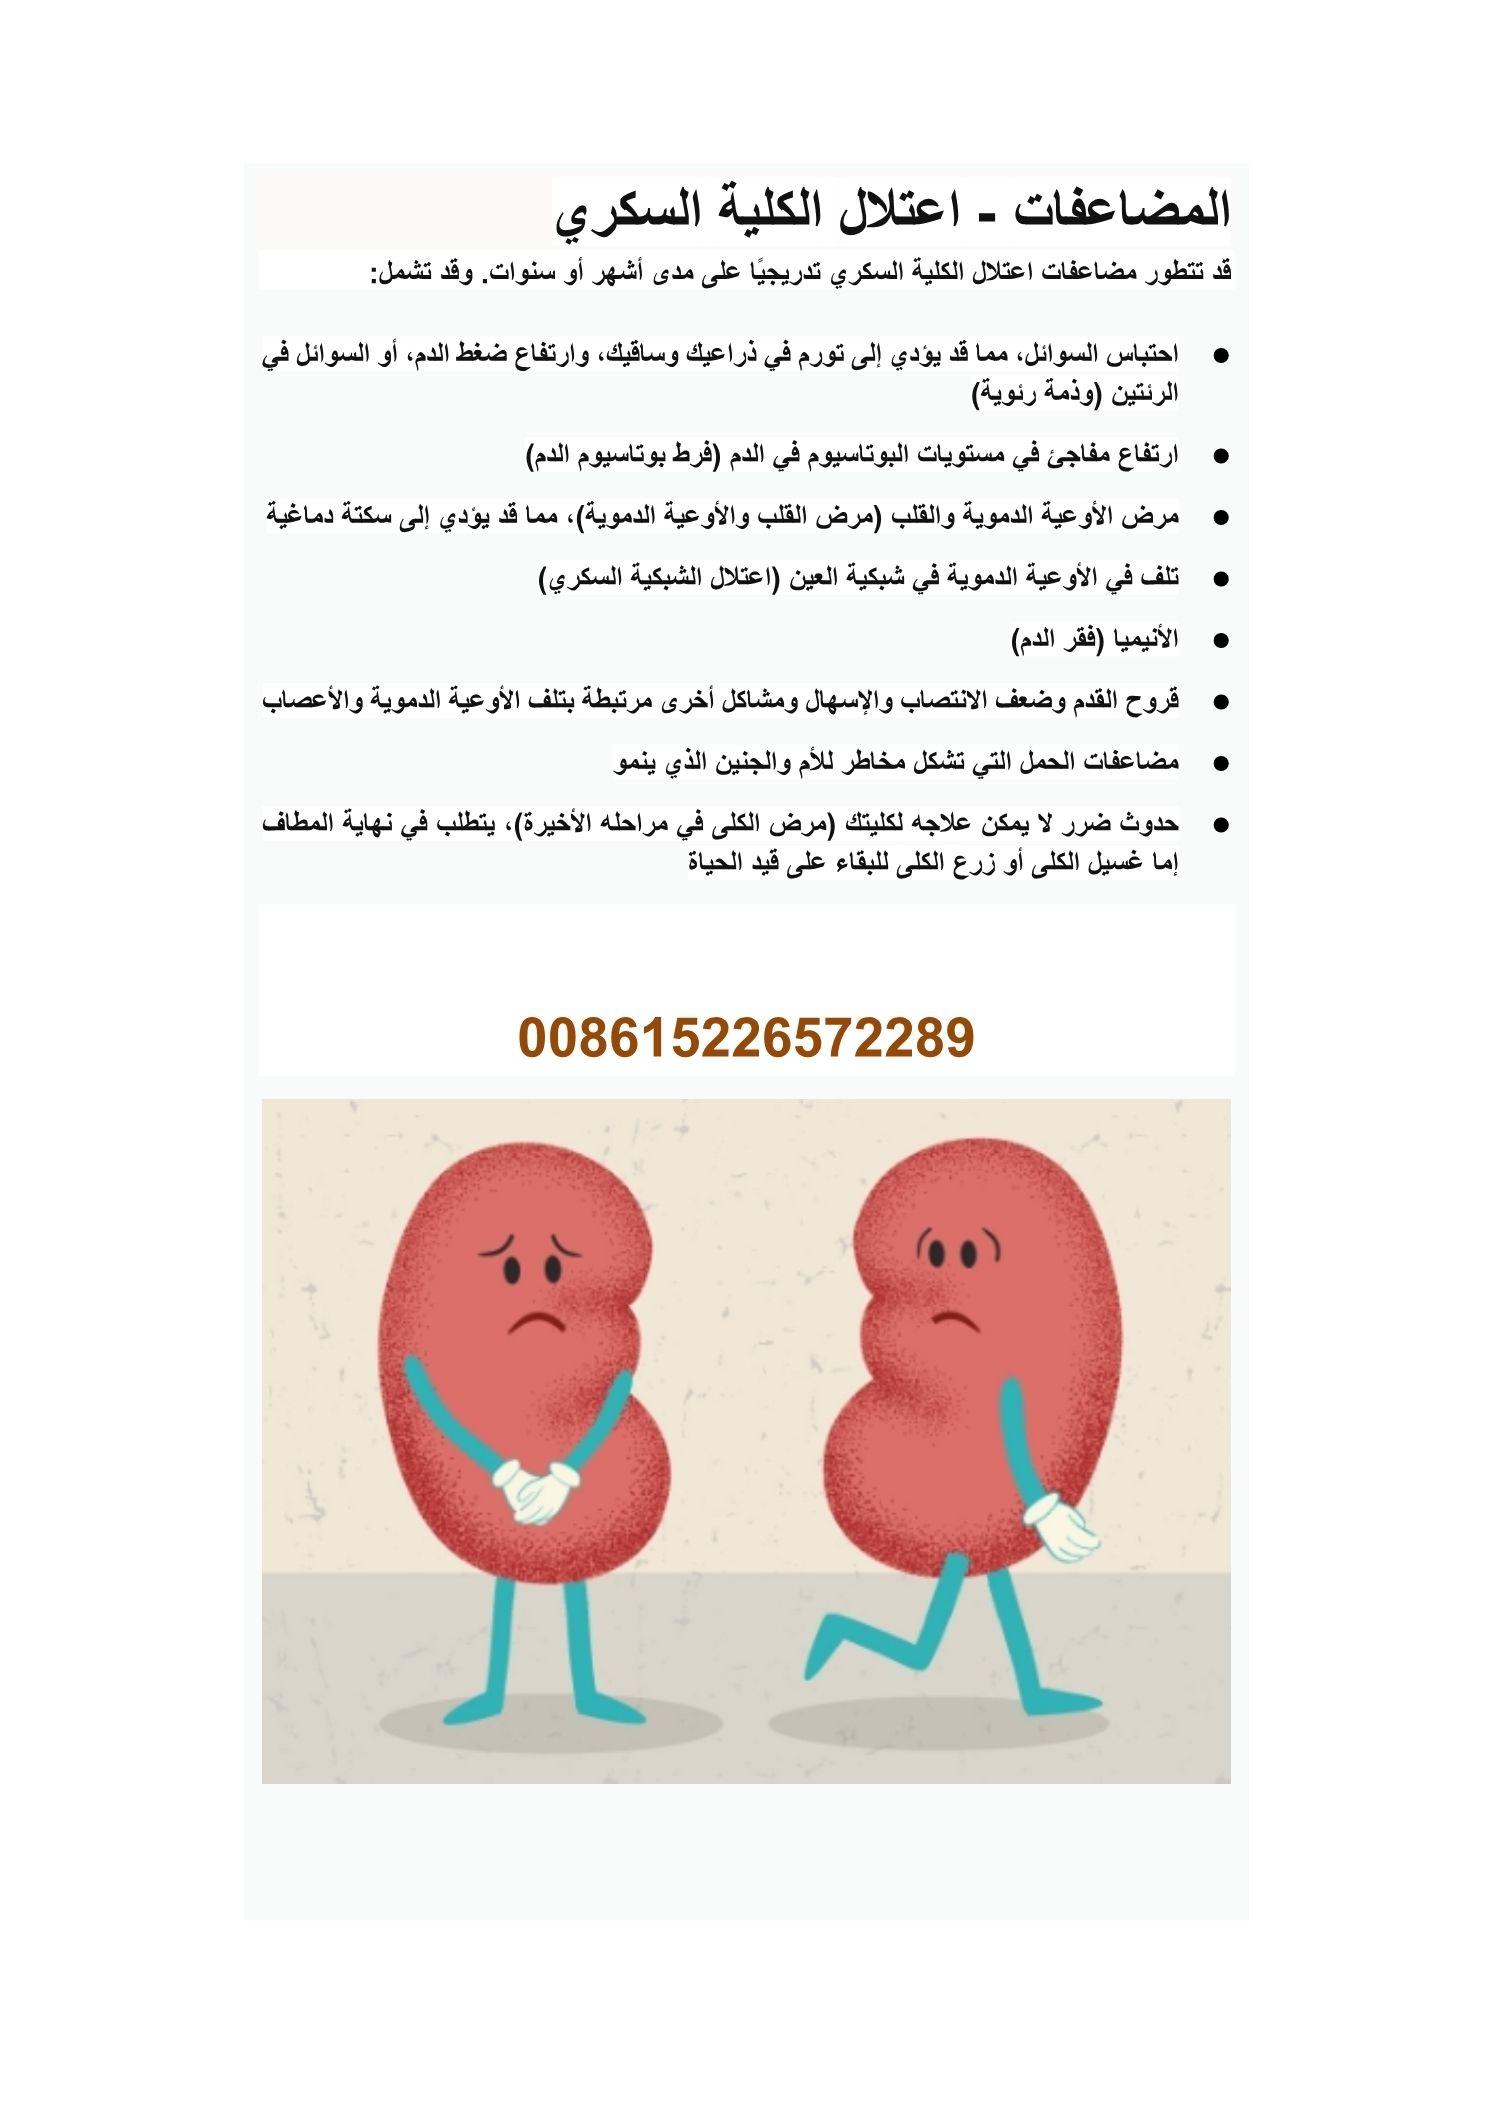 المضاعفات اعتلال الكلية السكري قد تتطور مضاعفات اعتلال الكلية السكري تدريجي ا على مدى أشهر أو سنوات وقد تشمل احتب Diabetic Nephropathy Nephropathy Diabetes